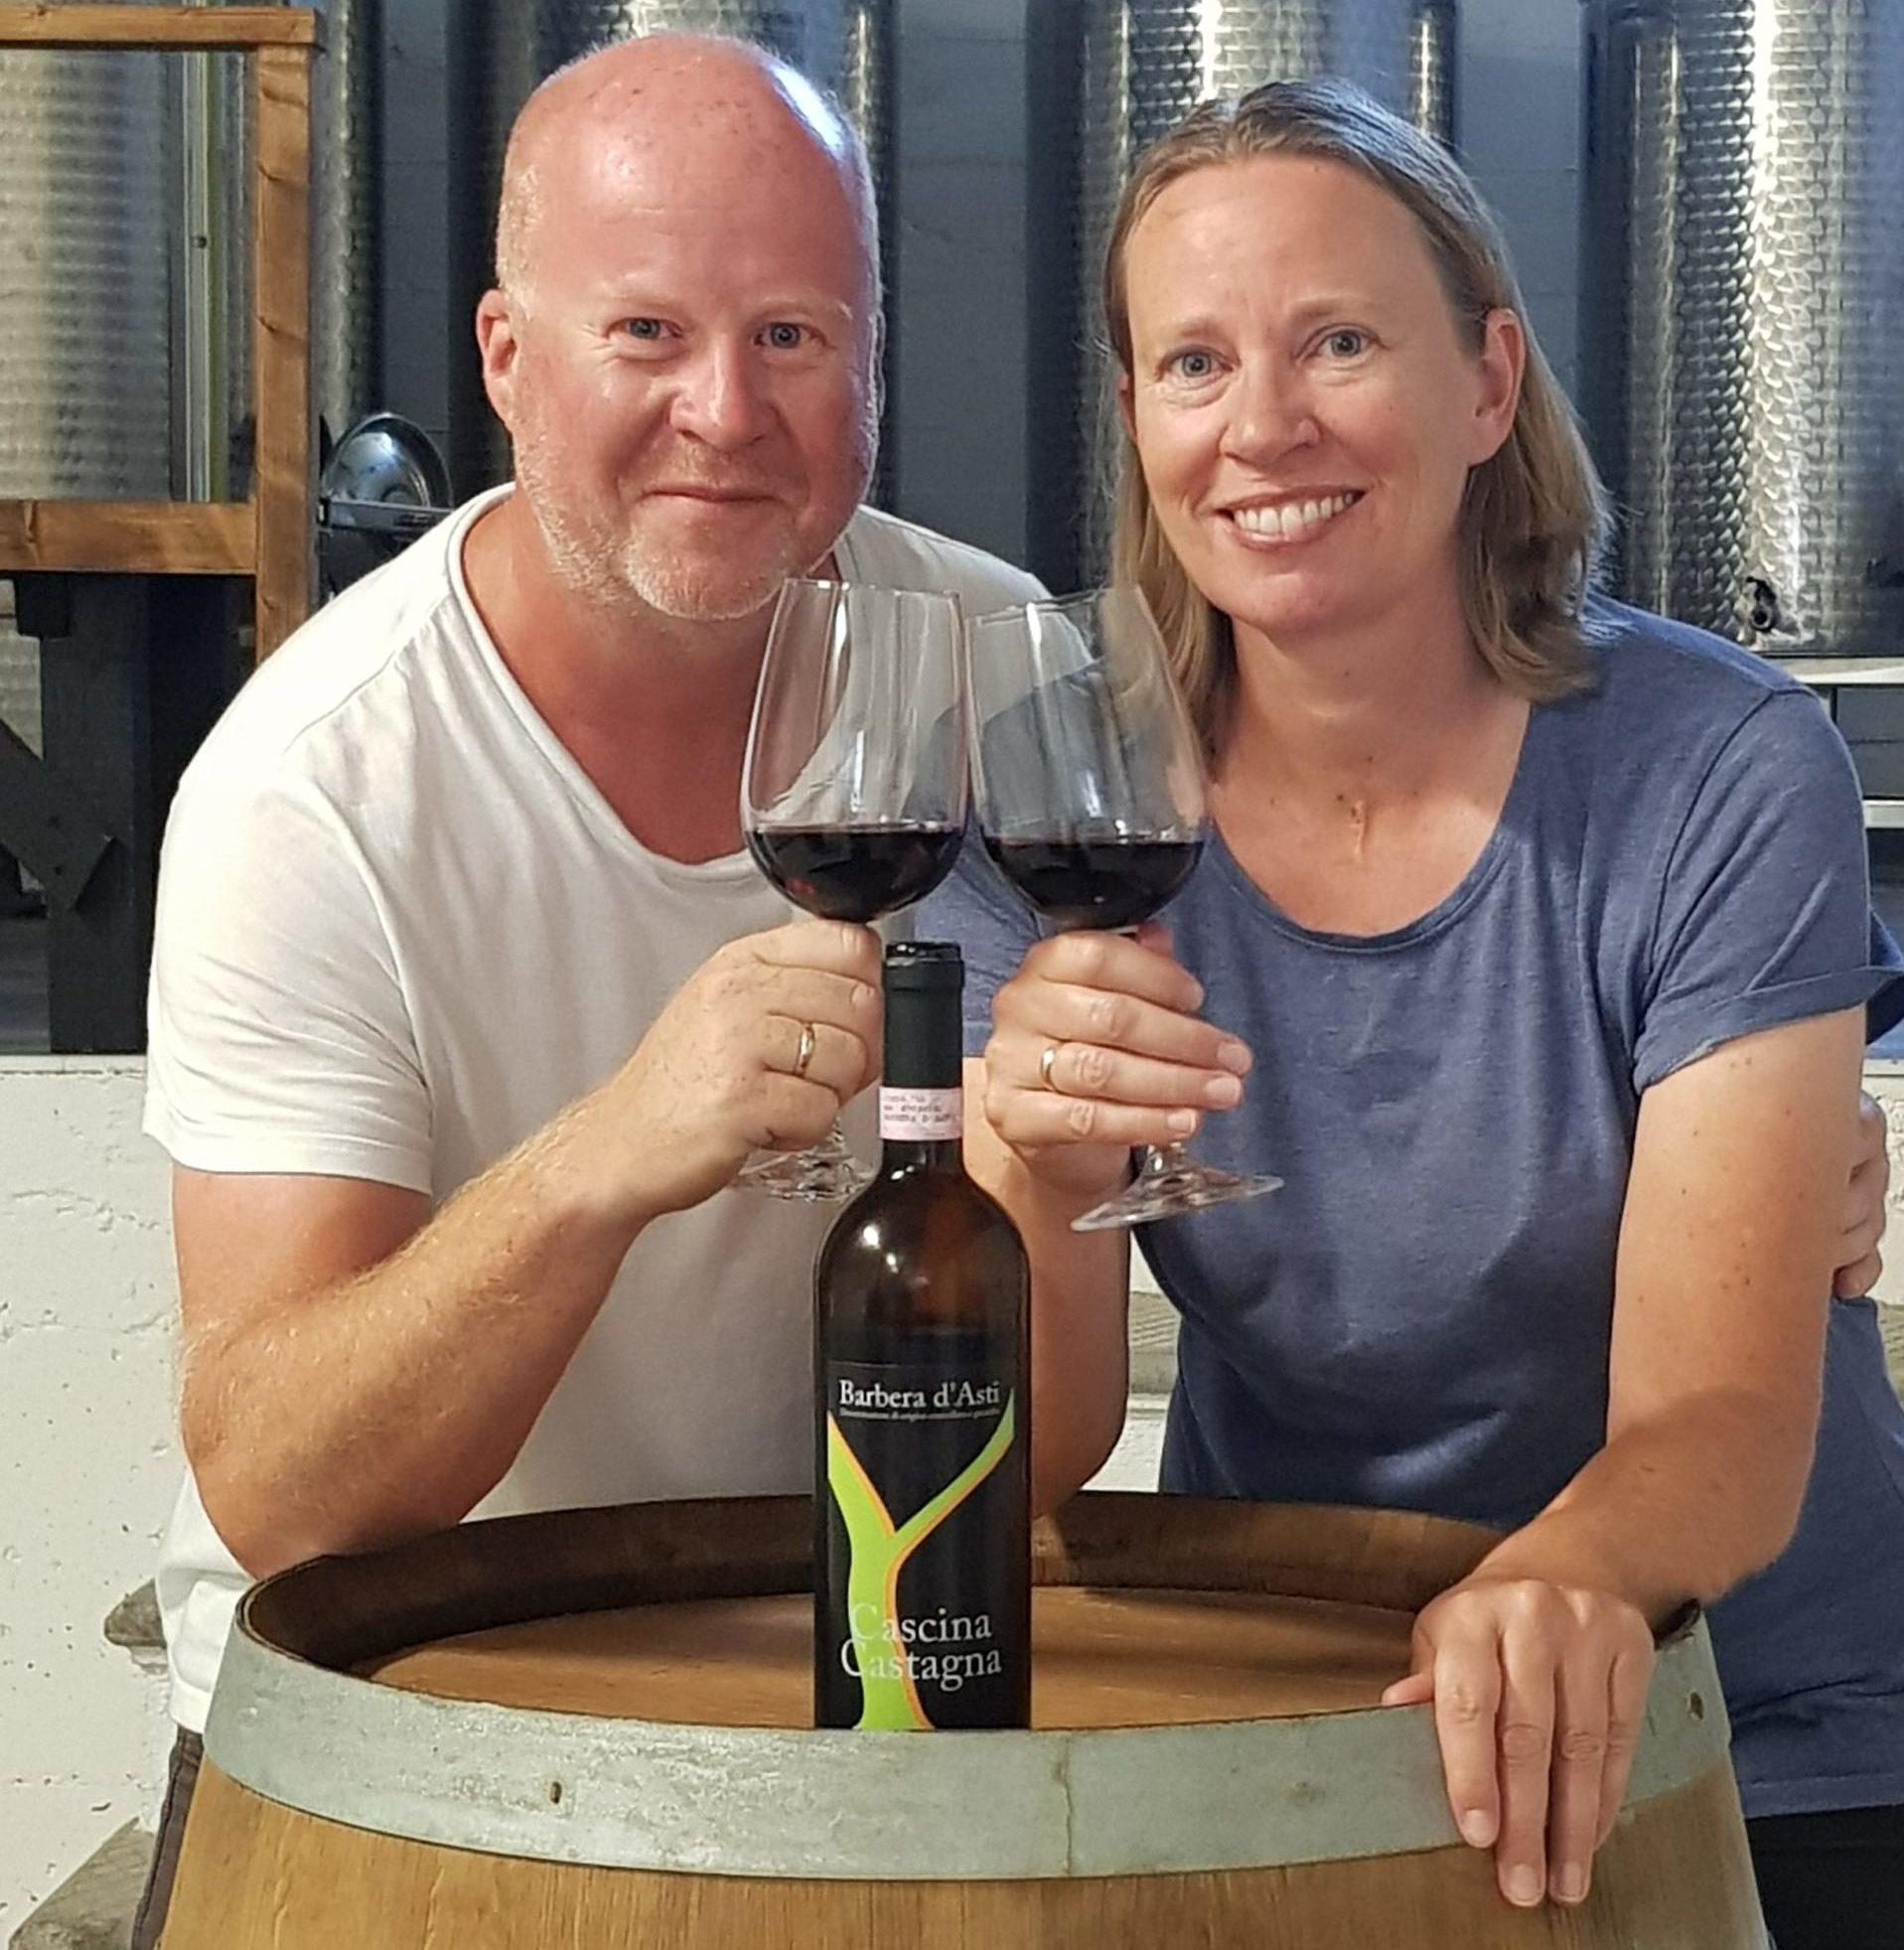 Vertskapet på Cascina Castagna norsk vingård i Piemonte